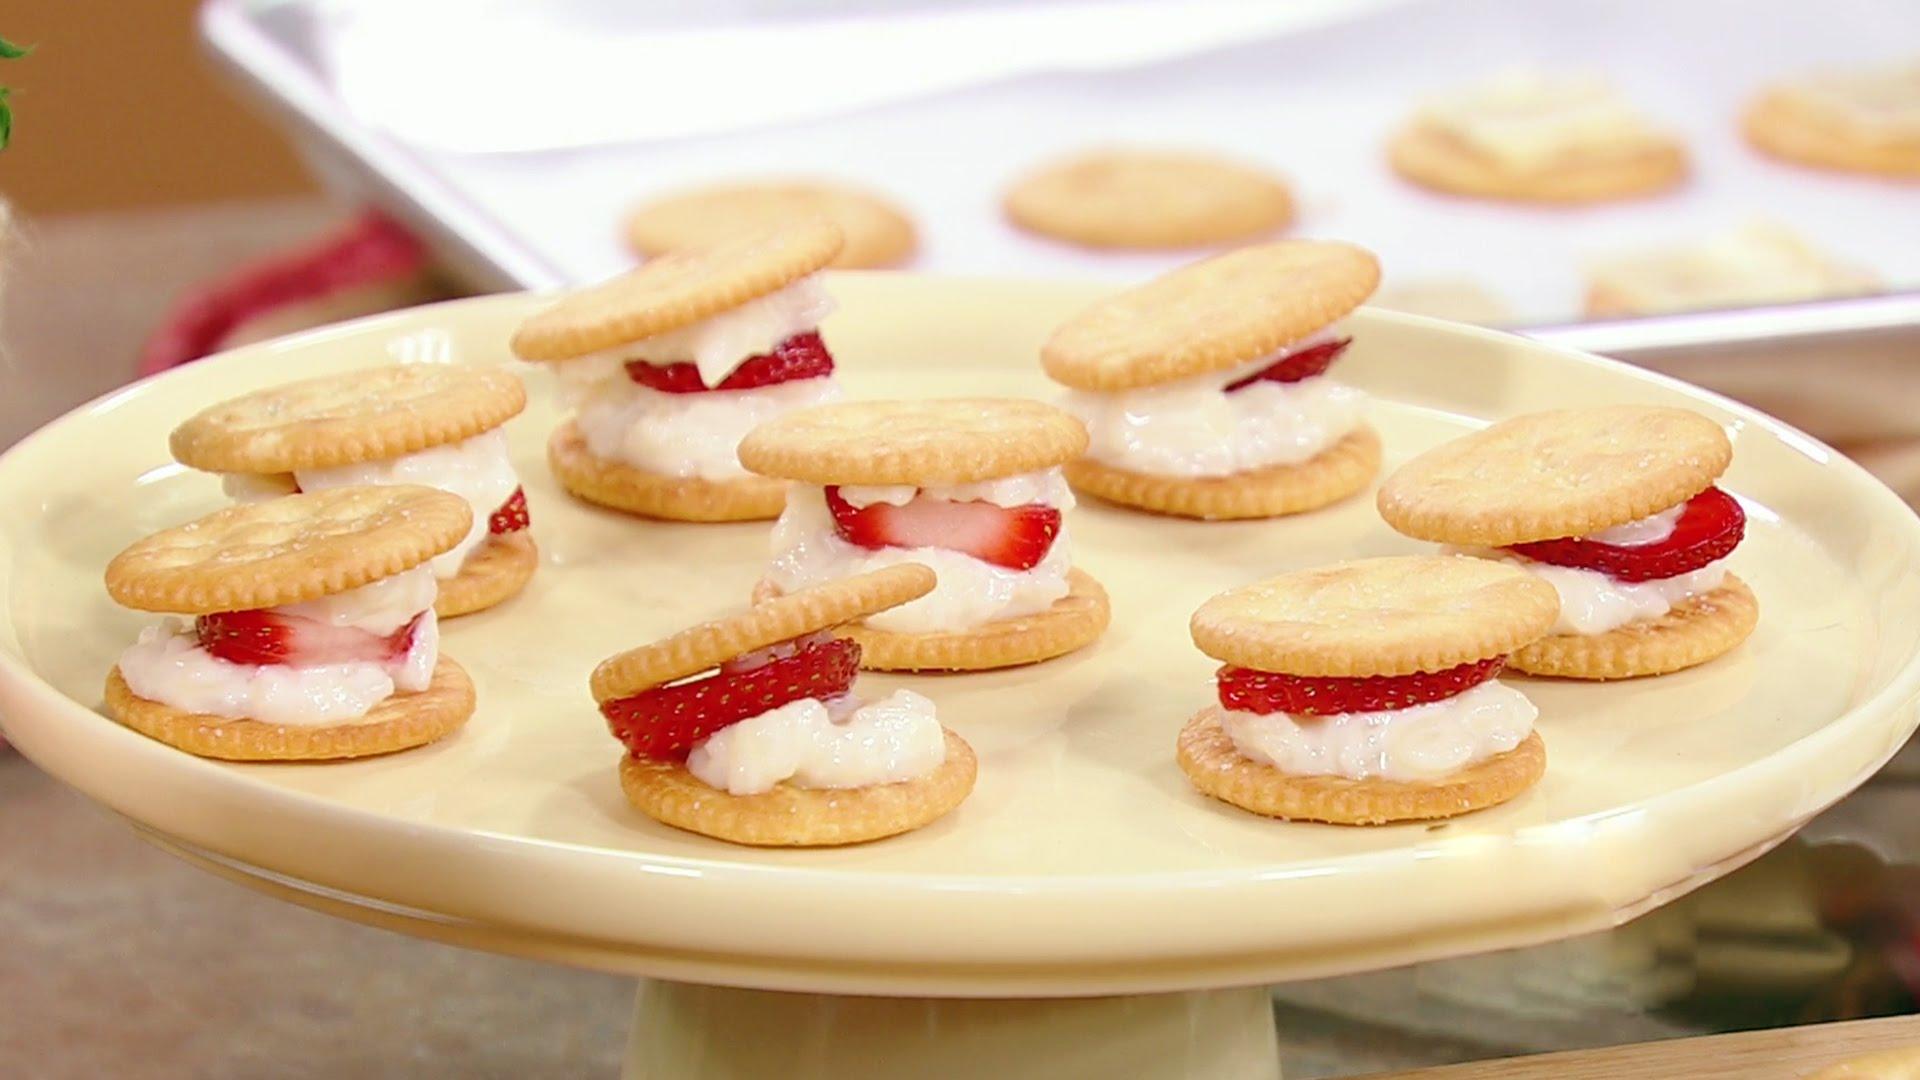 Cocina f cil tres recetas de aperitivos dulces para - Cocina facil manises ...